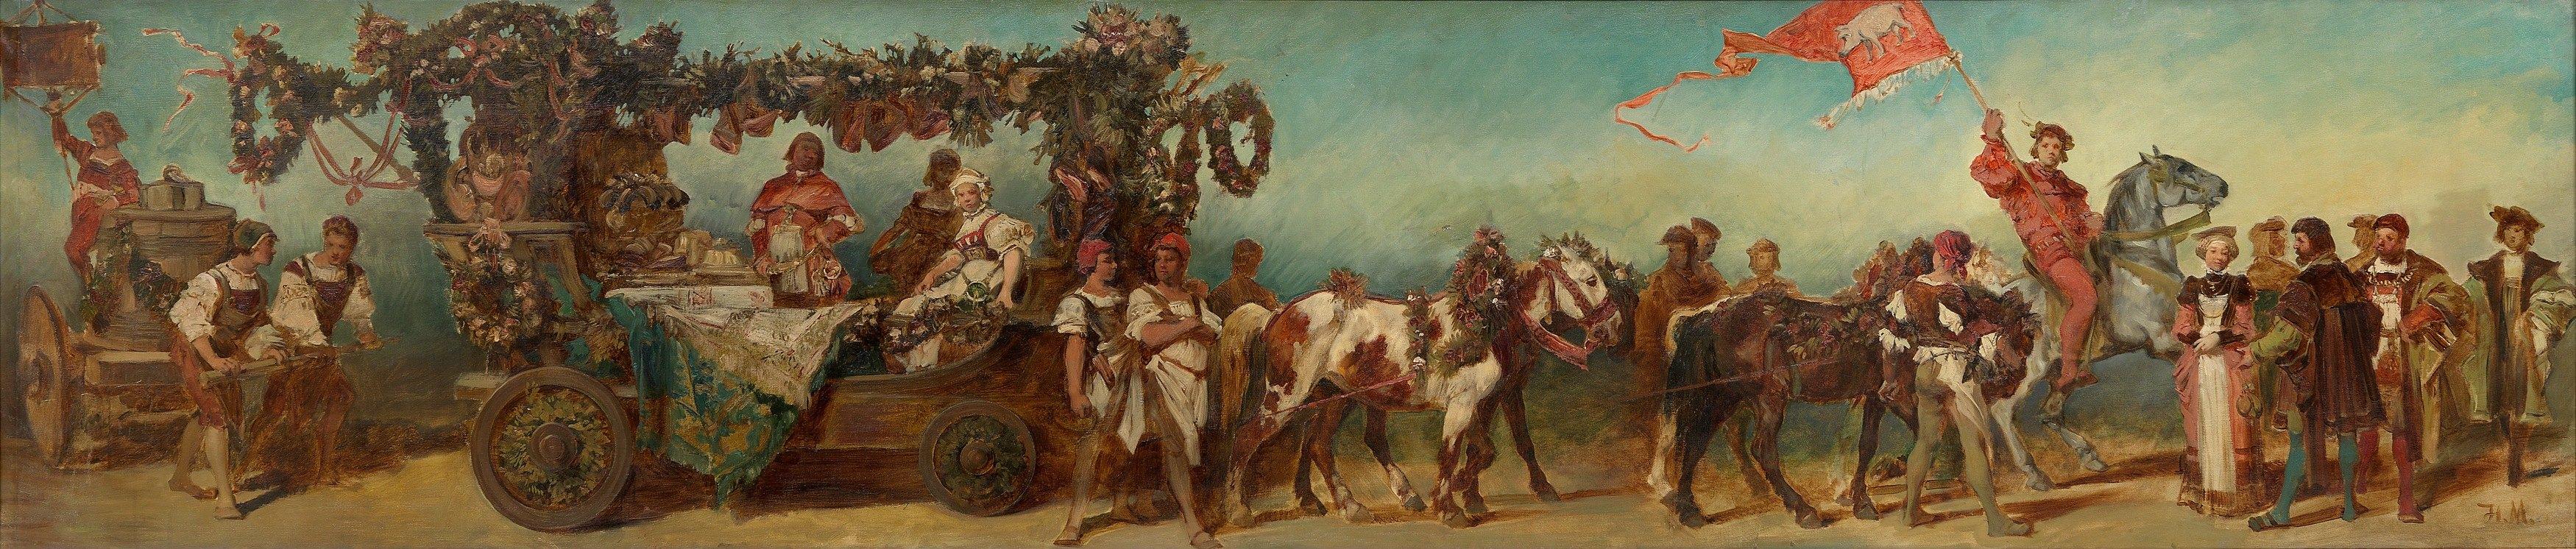 Hans Makart - Entwurf zum Festzug 1879 – Die Fleischselcher